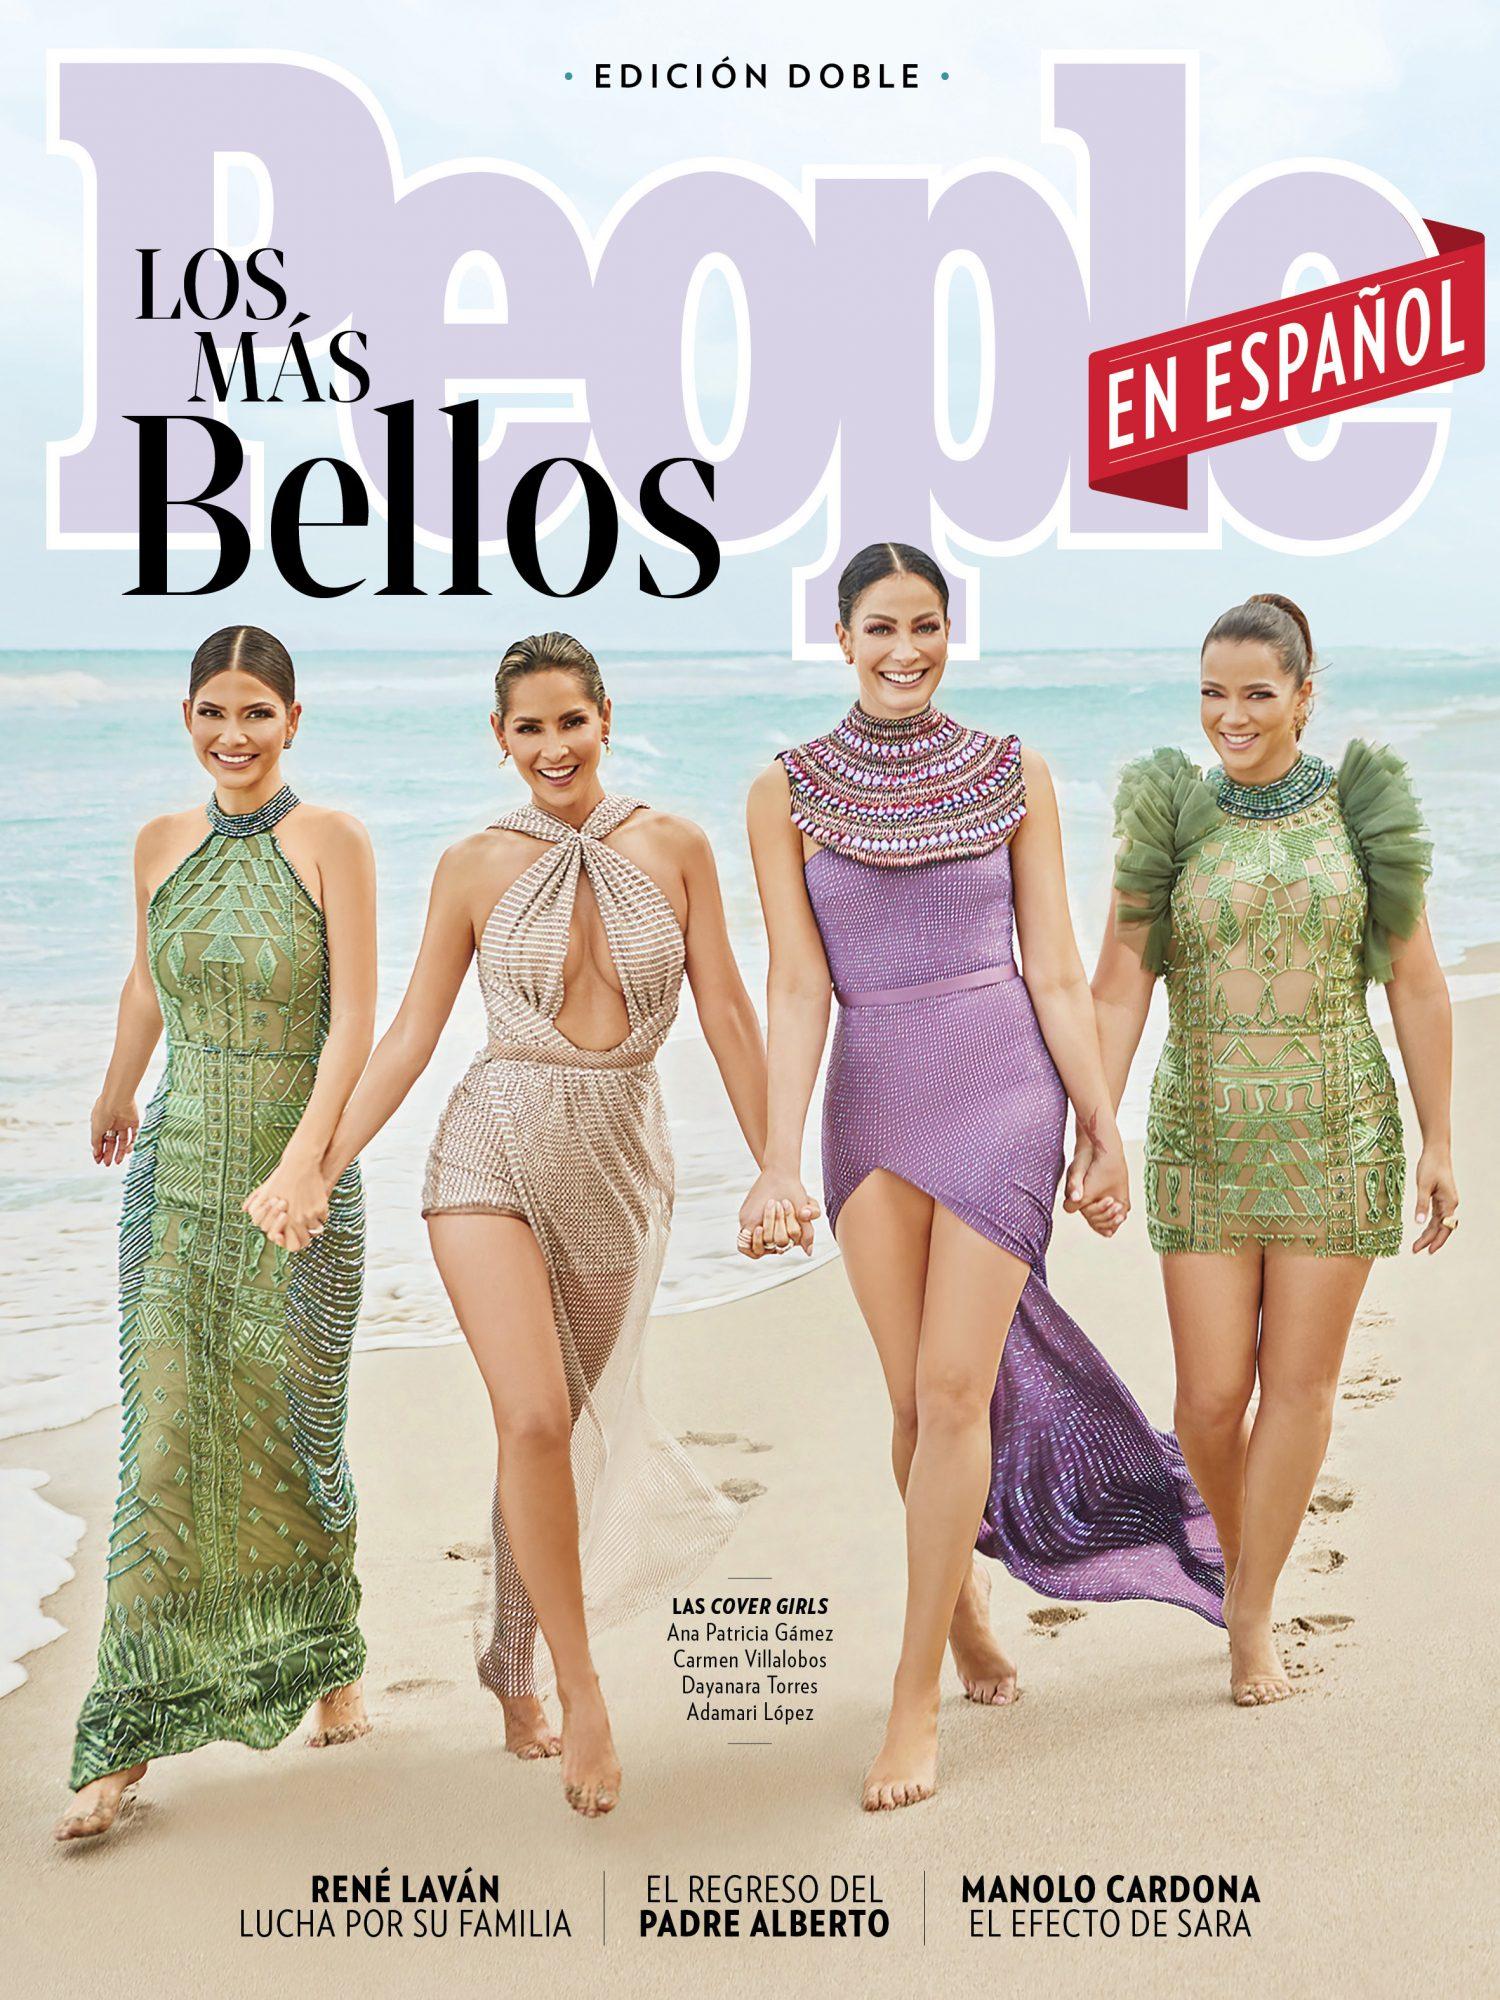 50 Mas Bellos Cover 2021 - DO NOT REUSE